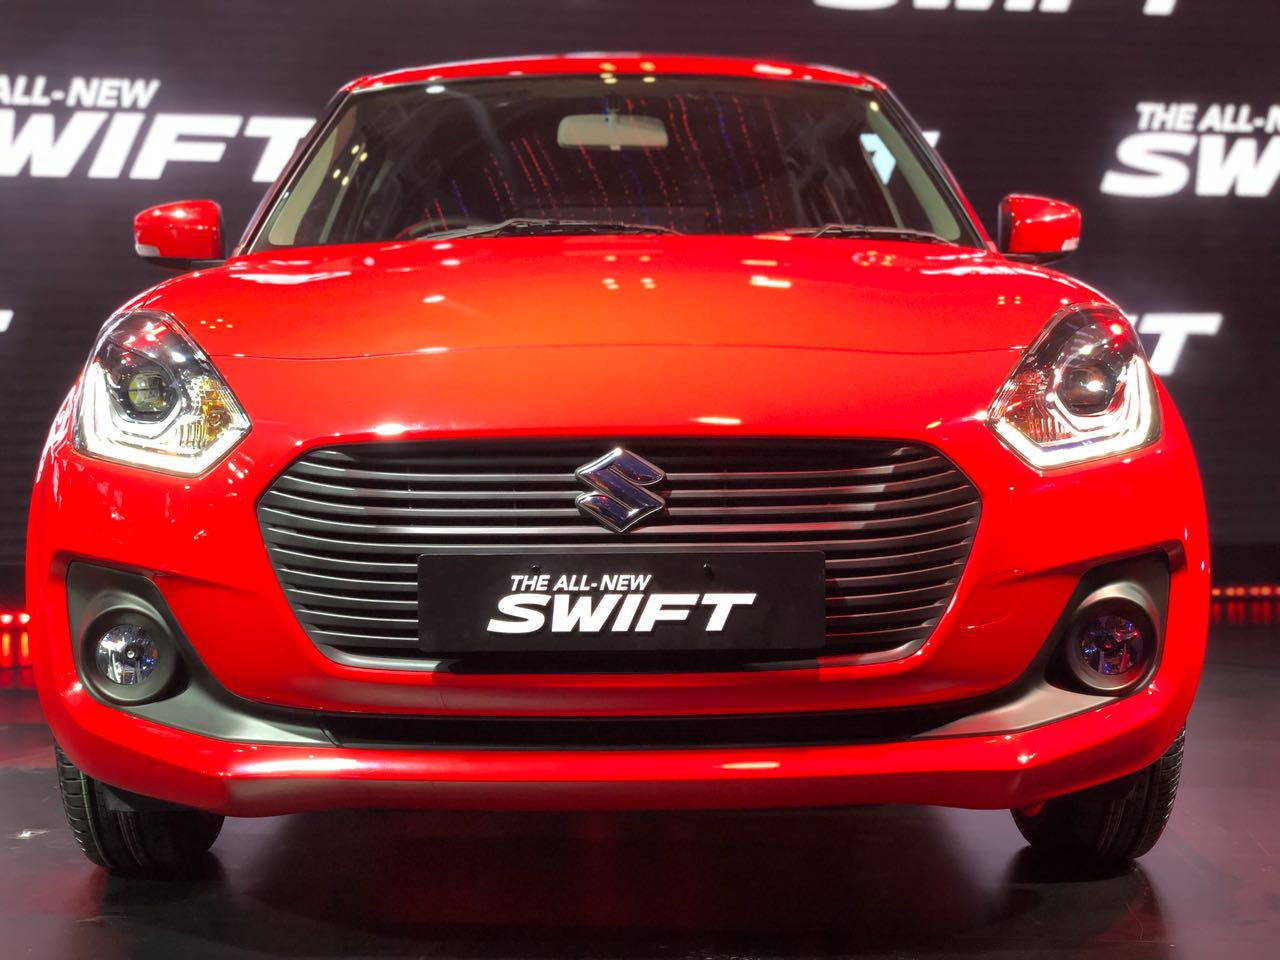 2018 Maruti Suzuki Swift Price List Features Accessories Price Specs